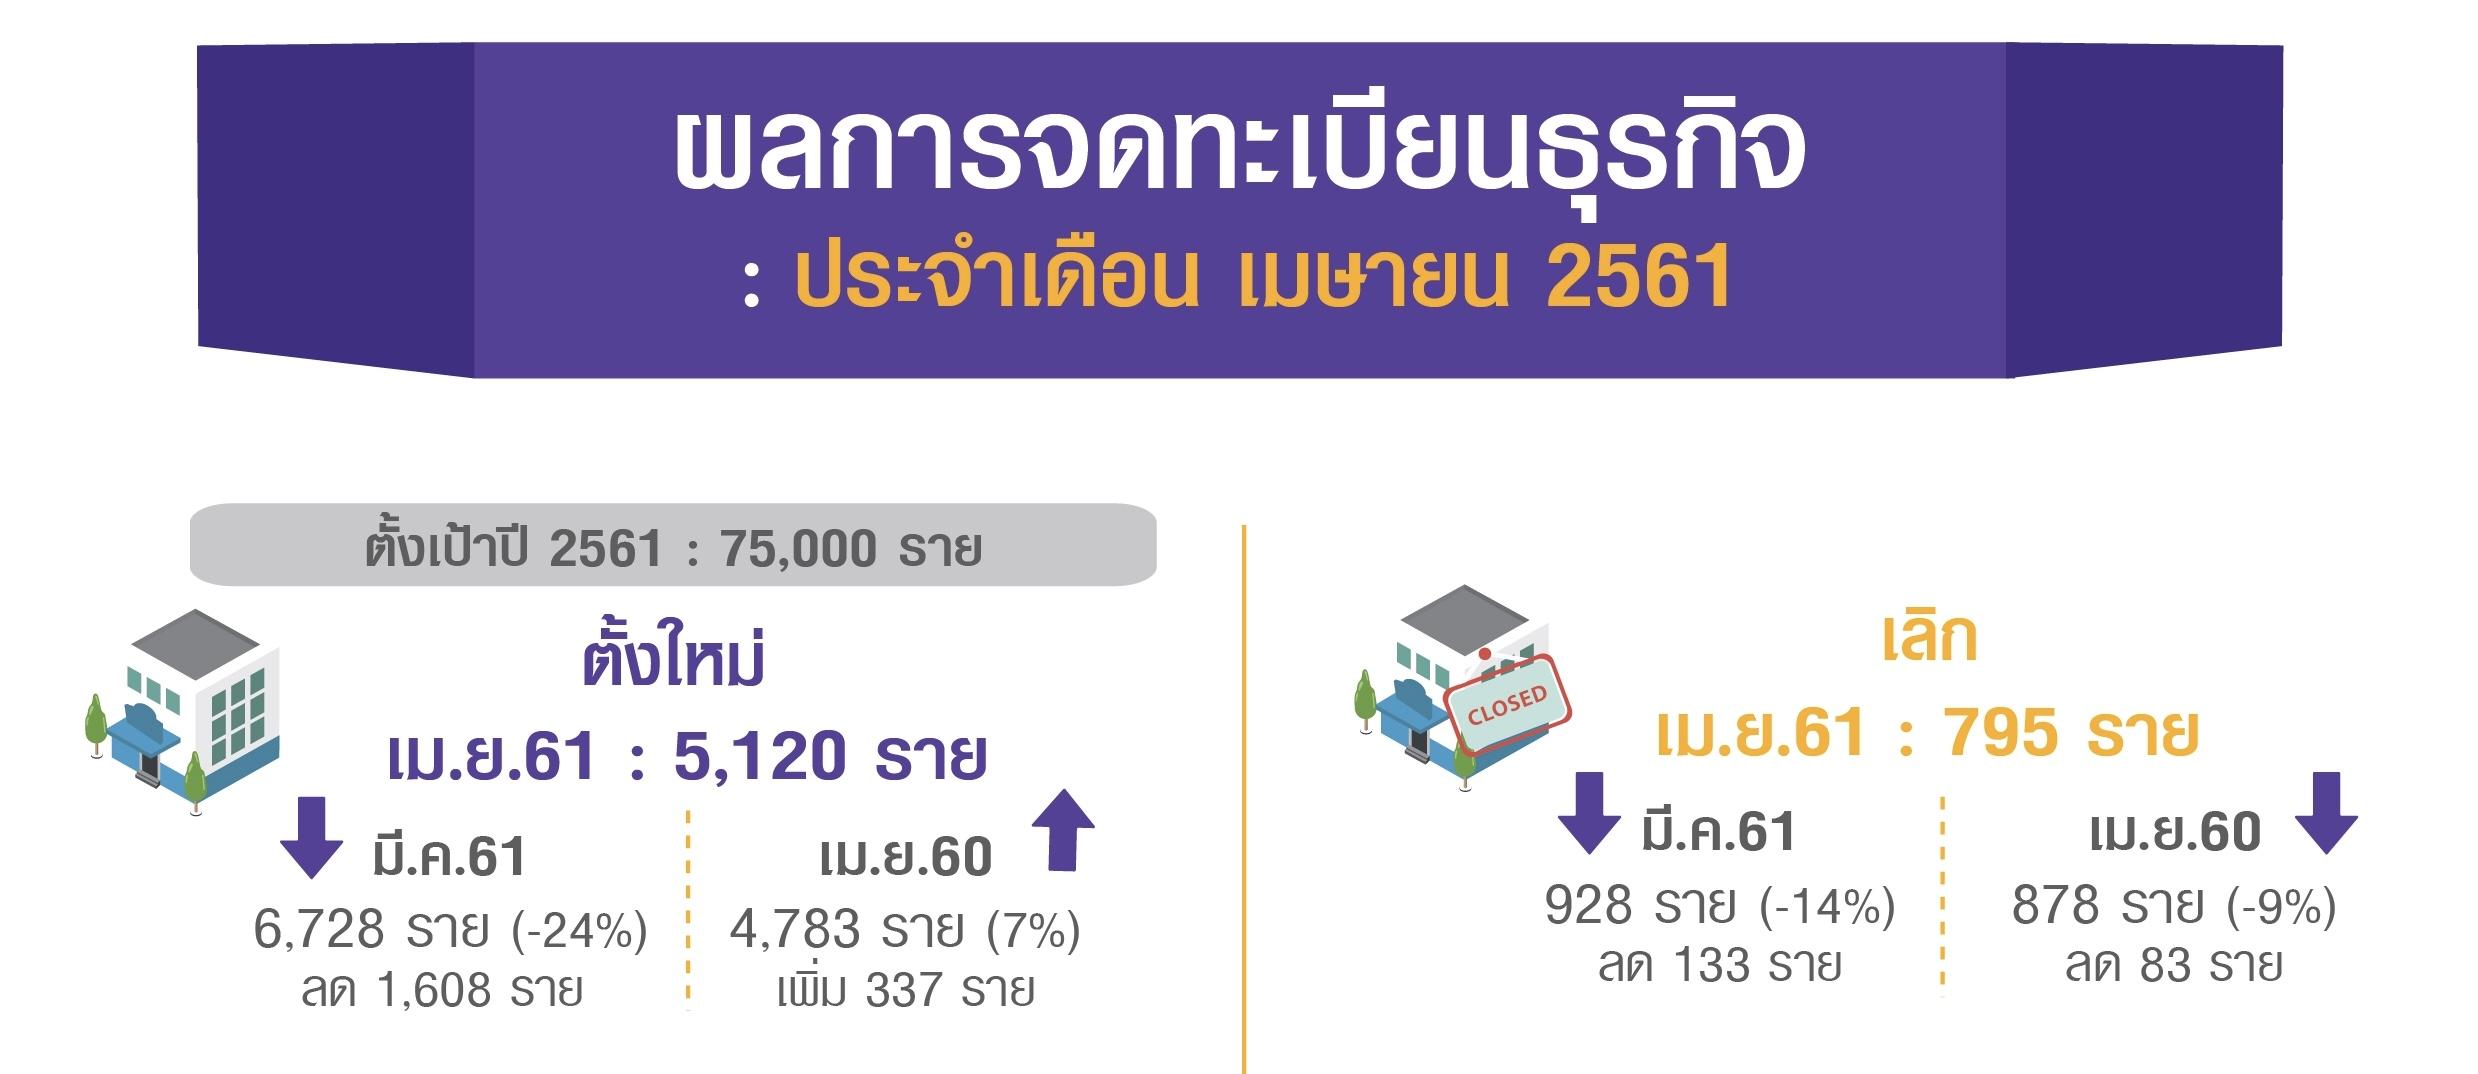 เศรษฐกิจขาขึ้น! พาณิชย์มั่นใจยอดจดทะเบียนธุรกิจใหม่ปี 61 ทะลุ 75,000 ราย